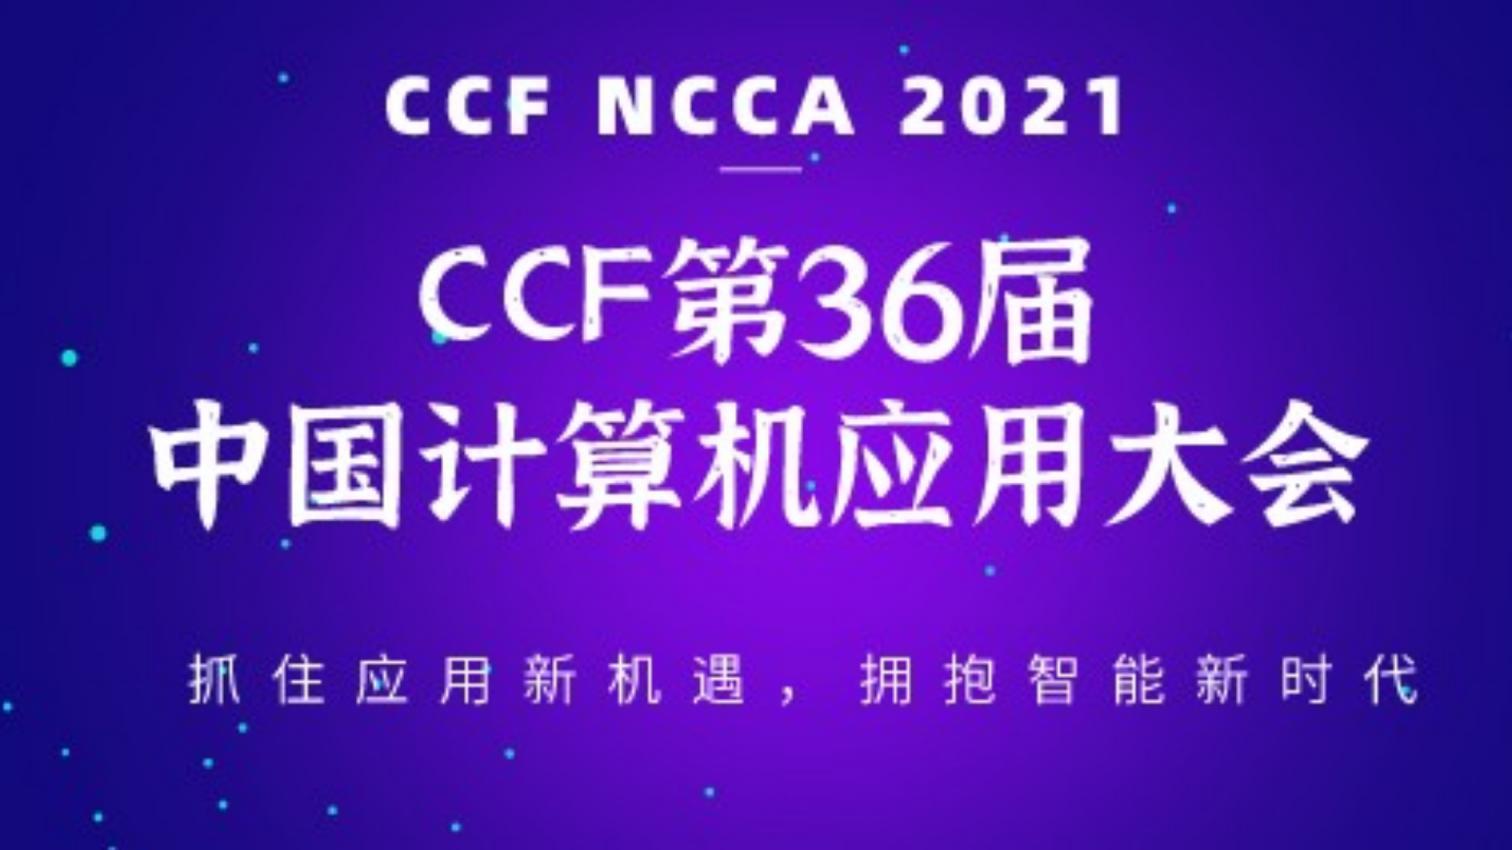 明略科技携HAO智能理论及技术应用亮相CCF NCCA 2021大会